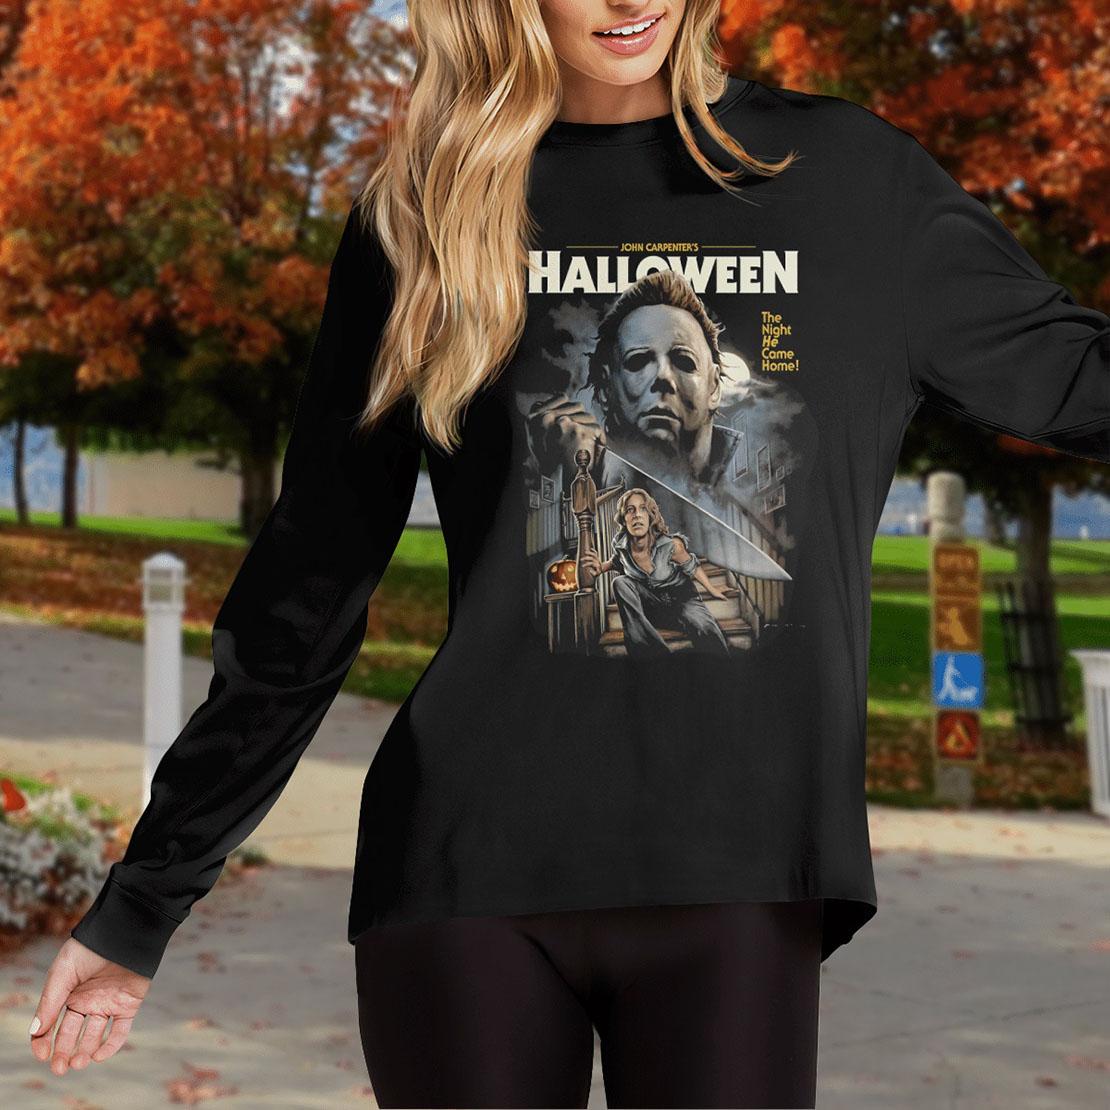 John-Carpenters-halloween-The-night-he-came-home-long-sleeve-tee -1